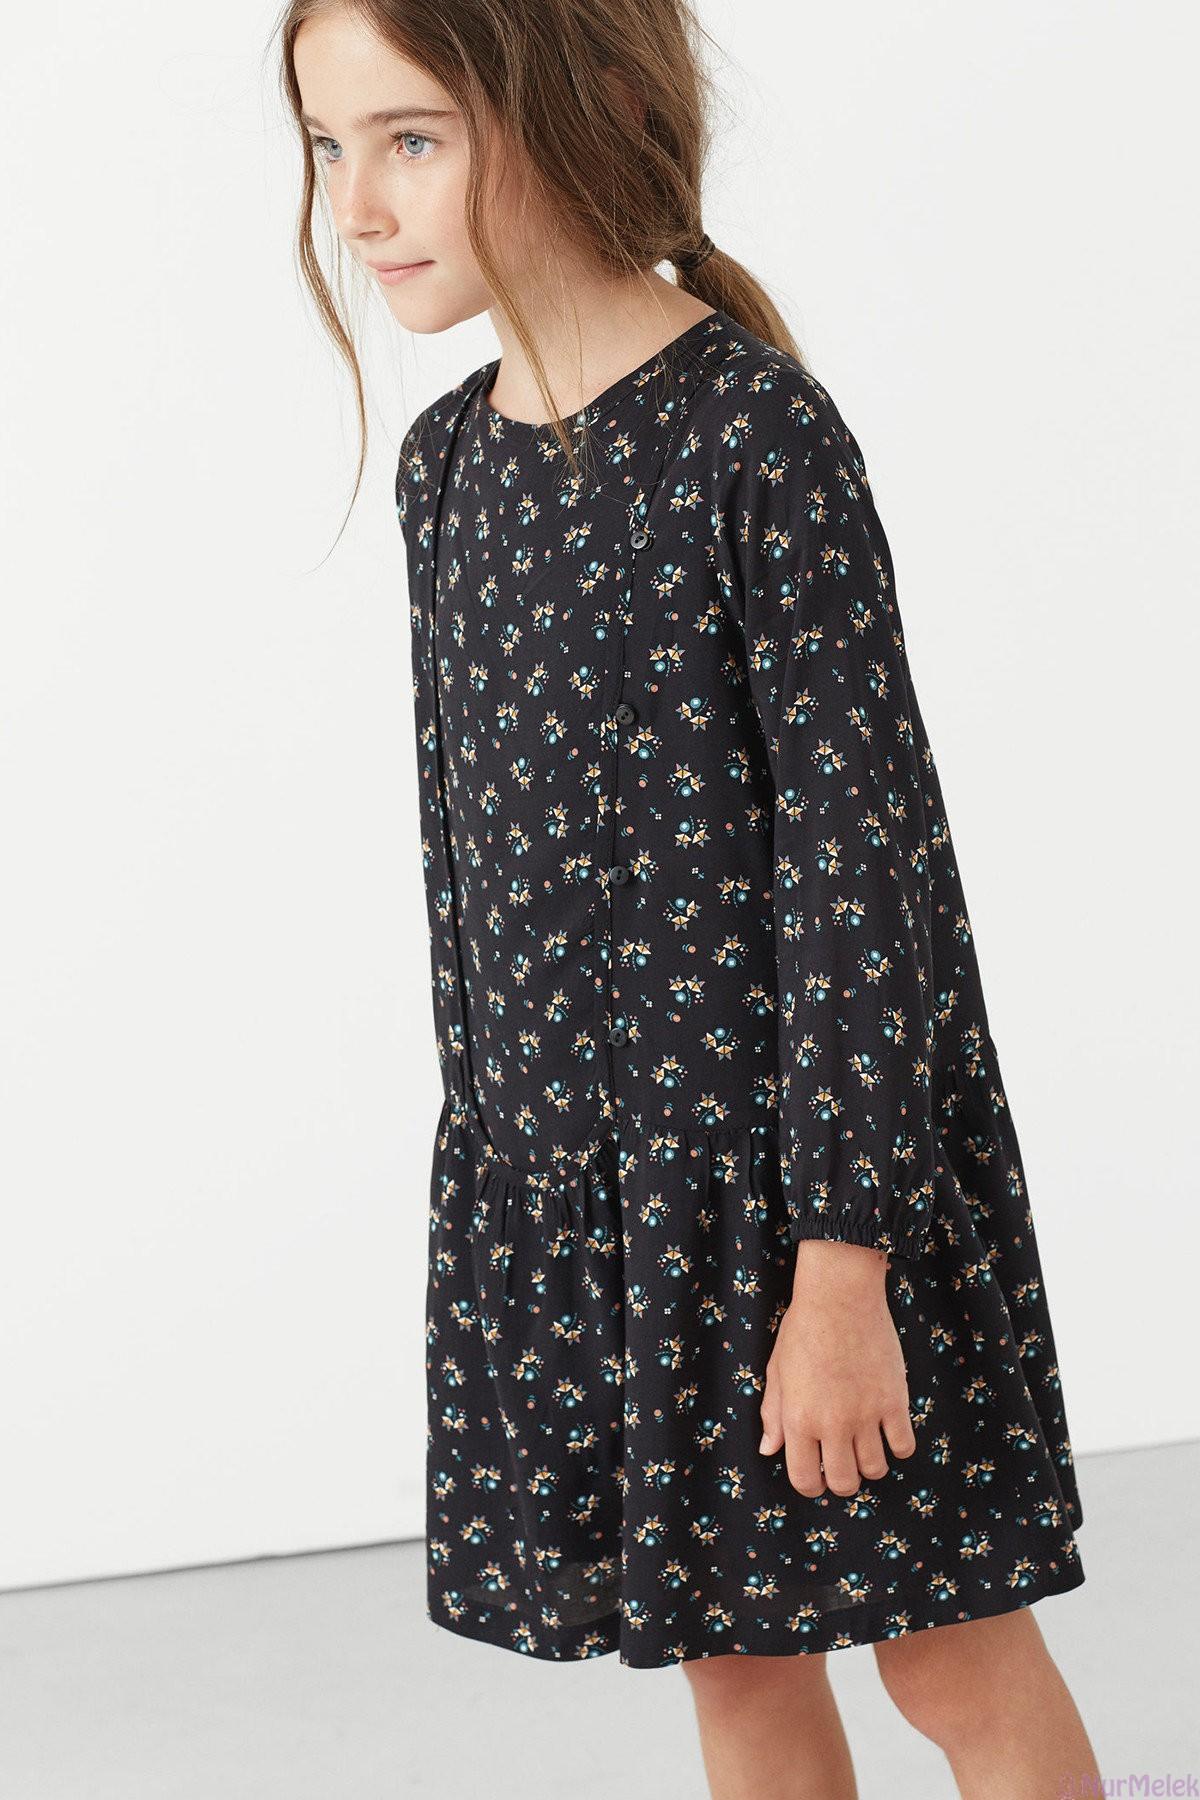 12-13-14-15 yaş kız çocuk elbisesi-3